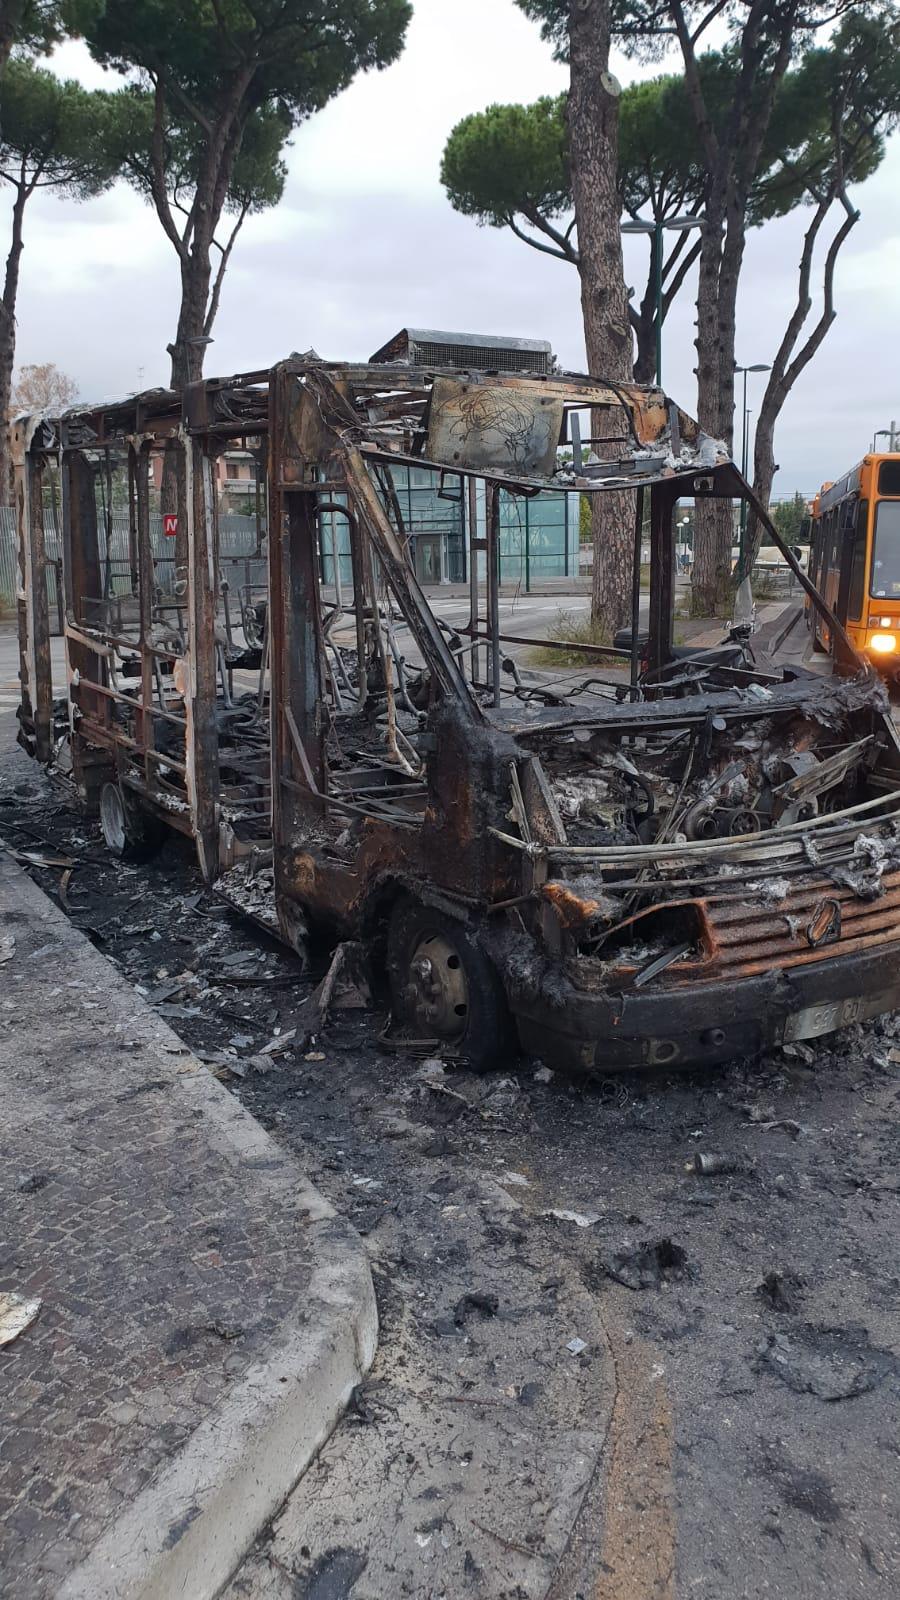 Bus Anm distrutto dalle fiamme nello stazionamento del Cardarelli